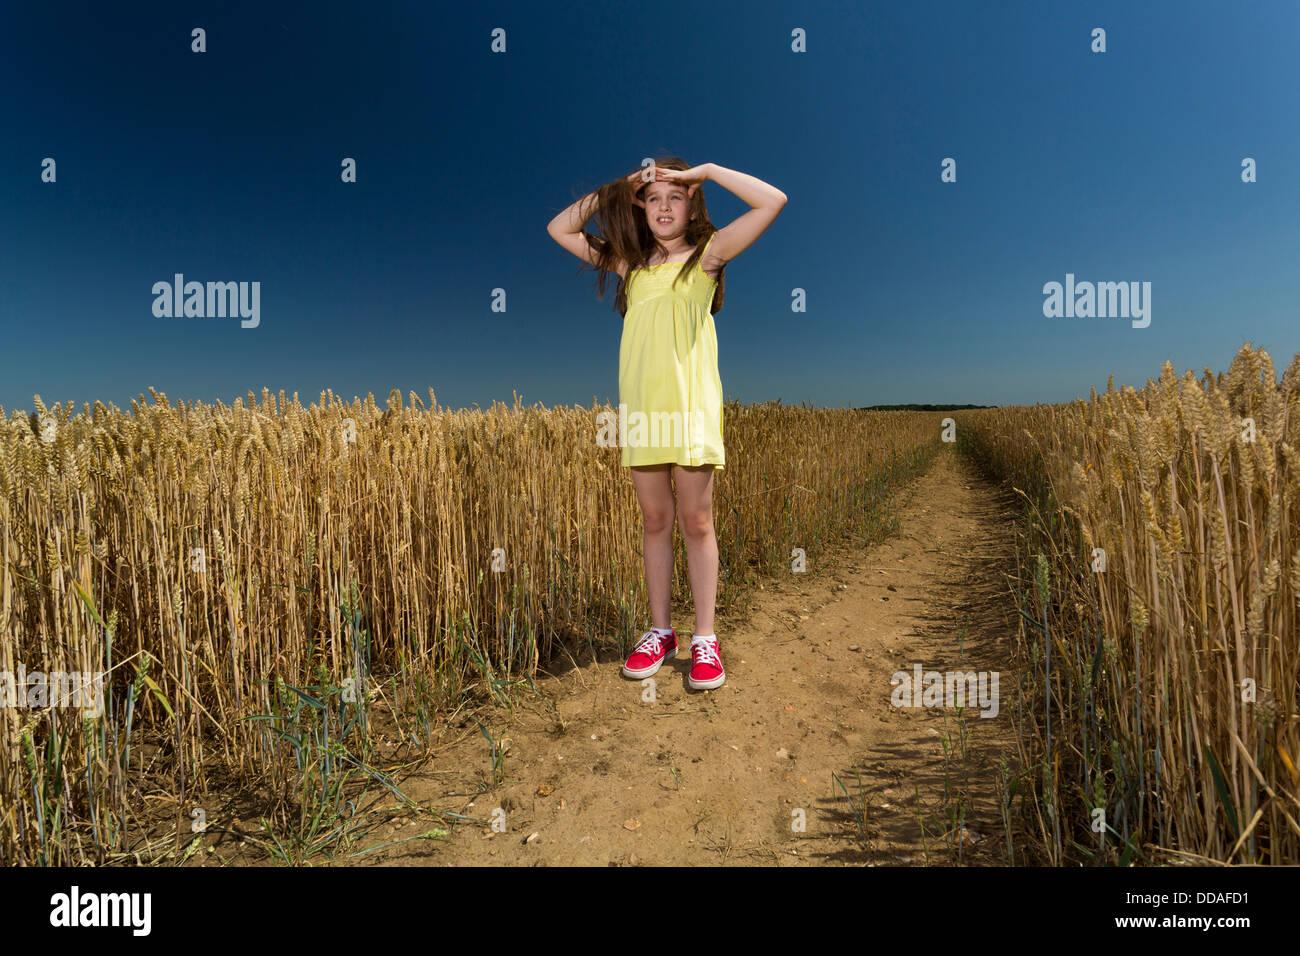 Niña mirando alrededor en la campiña abierta Imagen De Stock